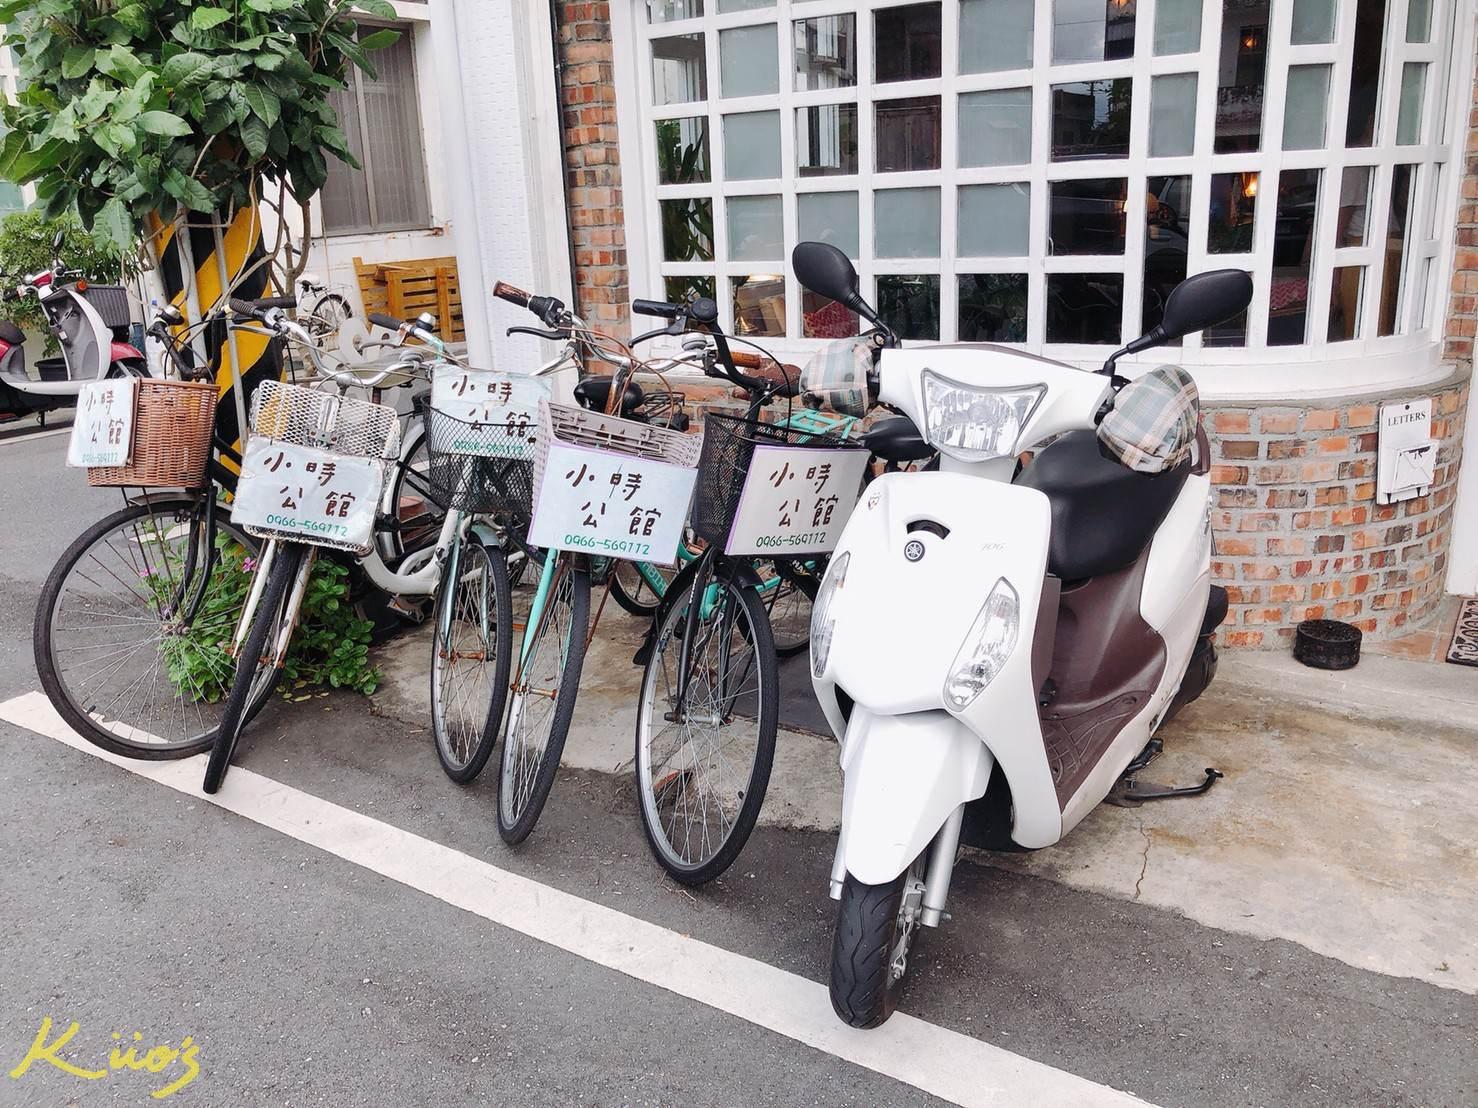 【2020花蓮玉里住宿推薦】小時公館-夢幻溫馨、免費自行車、超平價